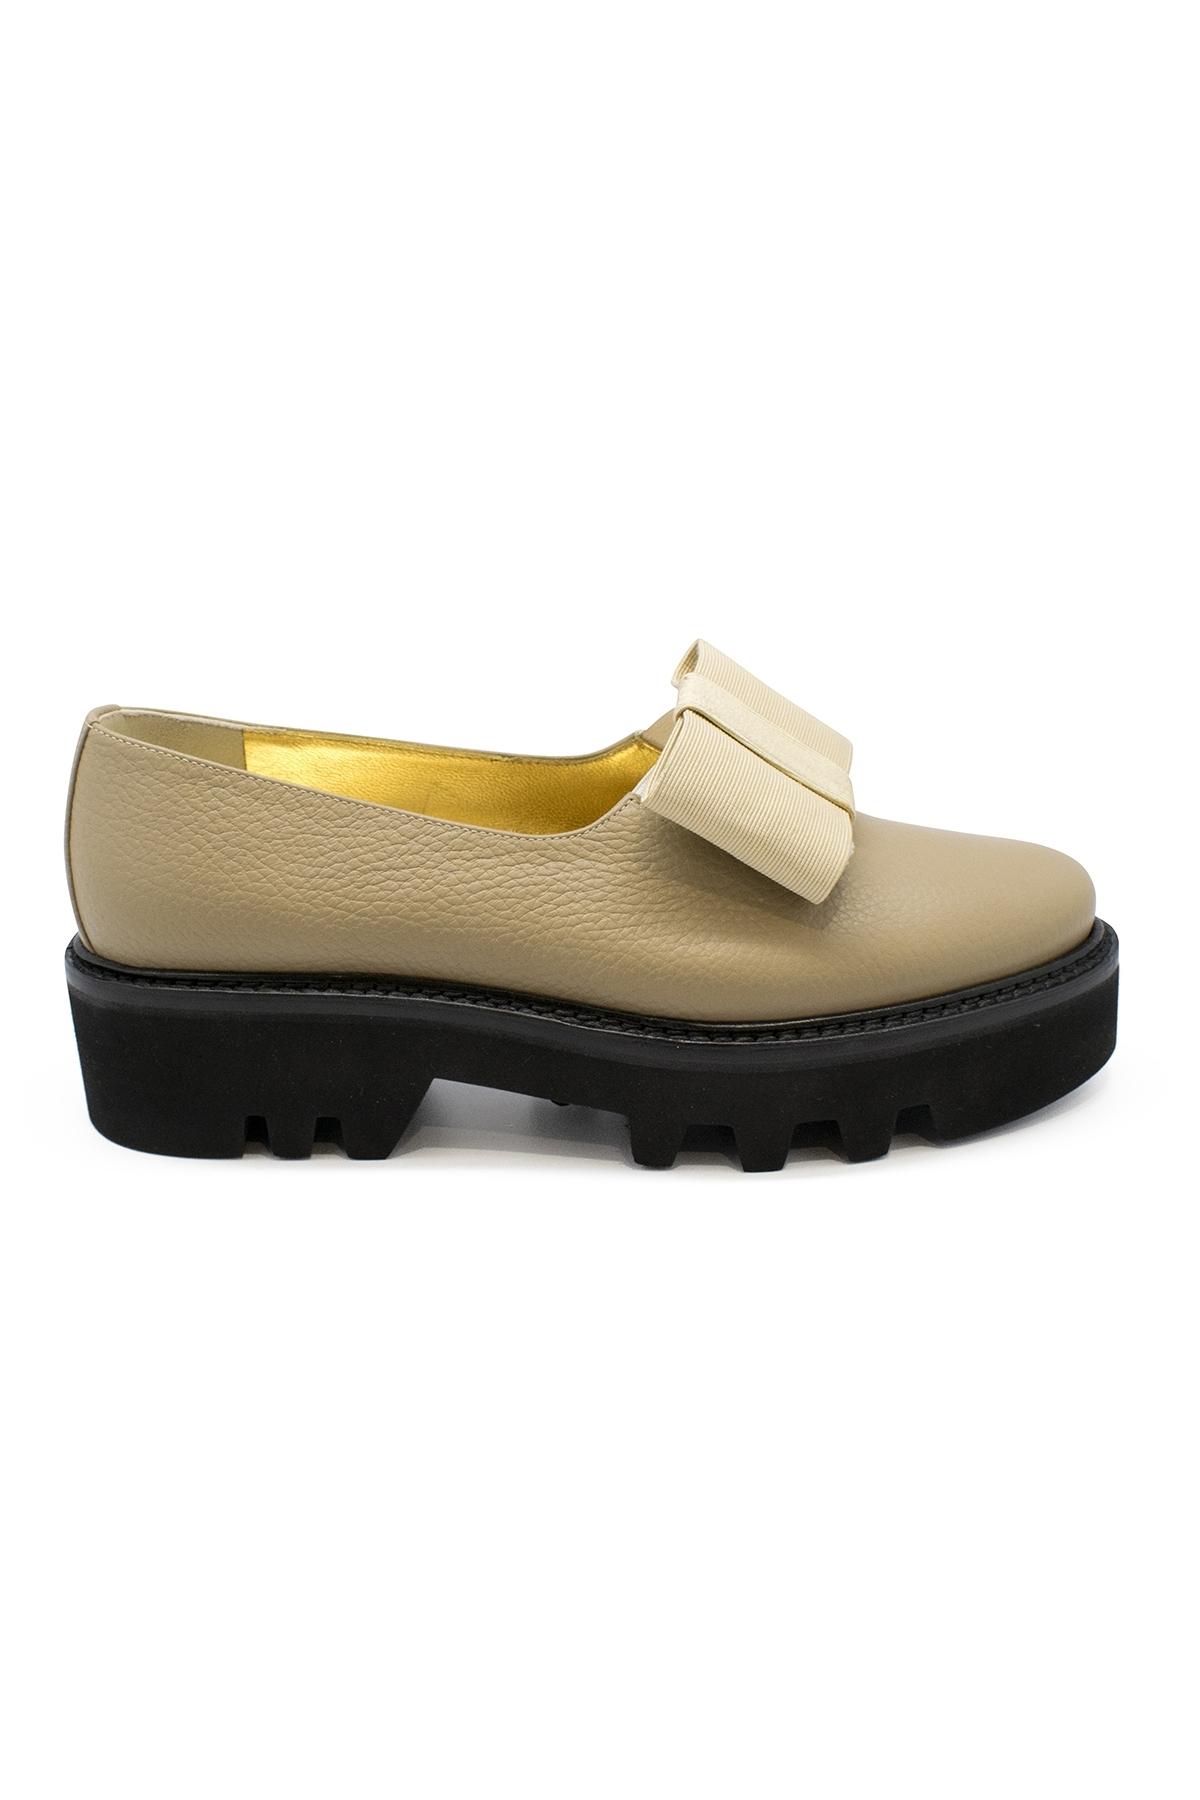 Smoking shoes